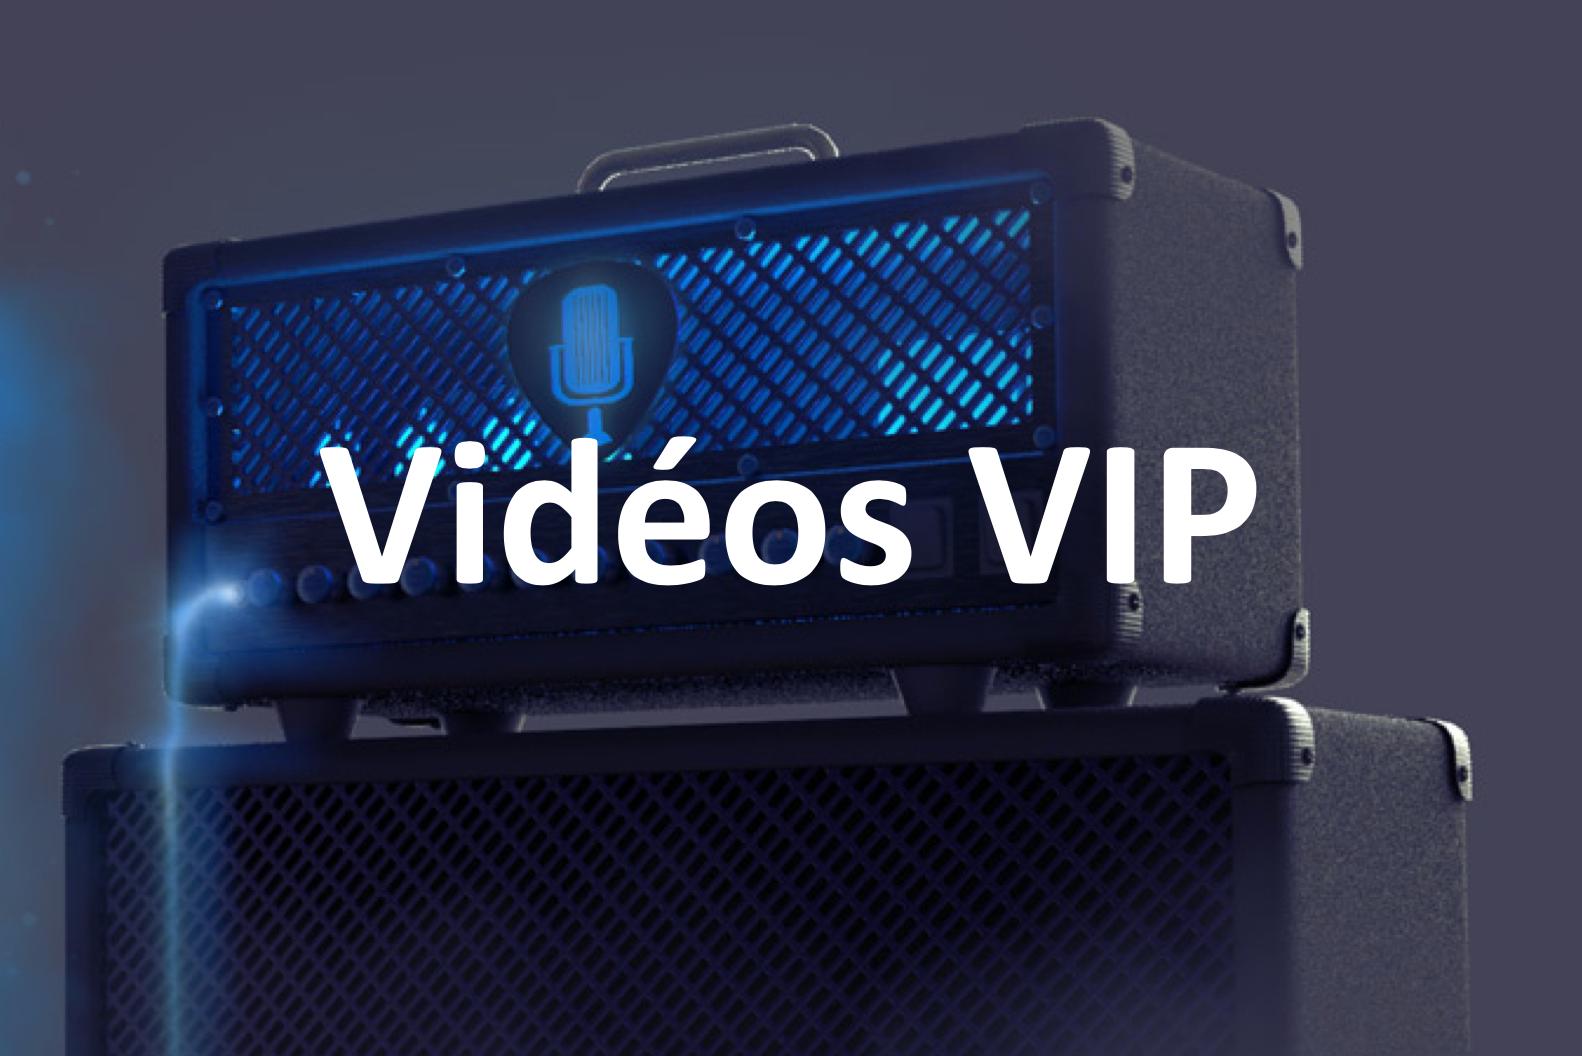 Vidéos en avant-première - Accès abonnés VIP